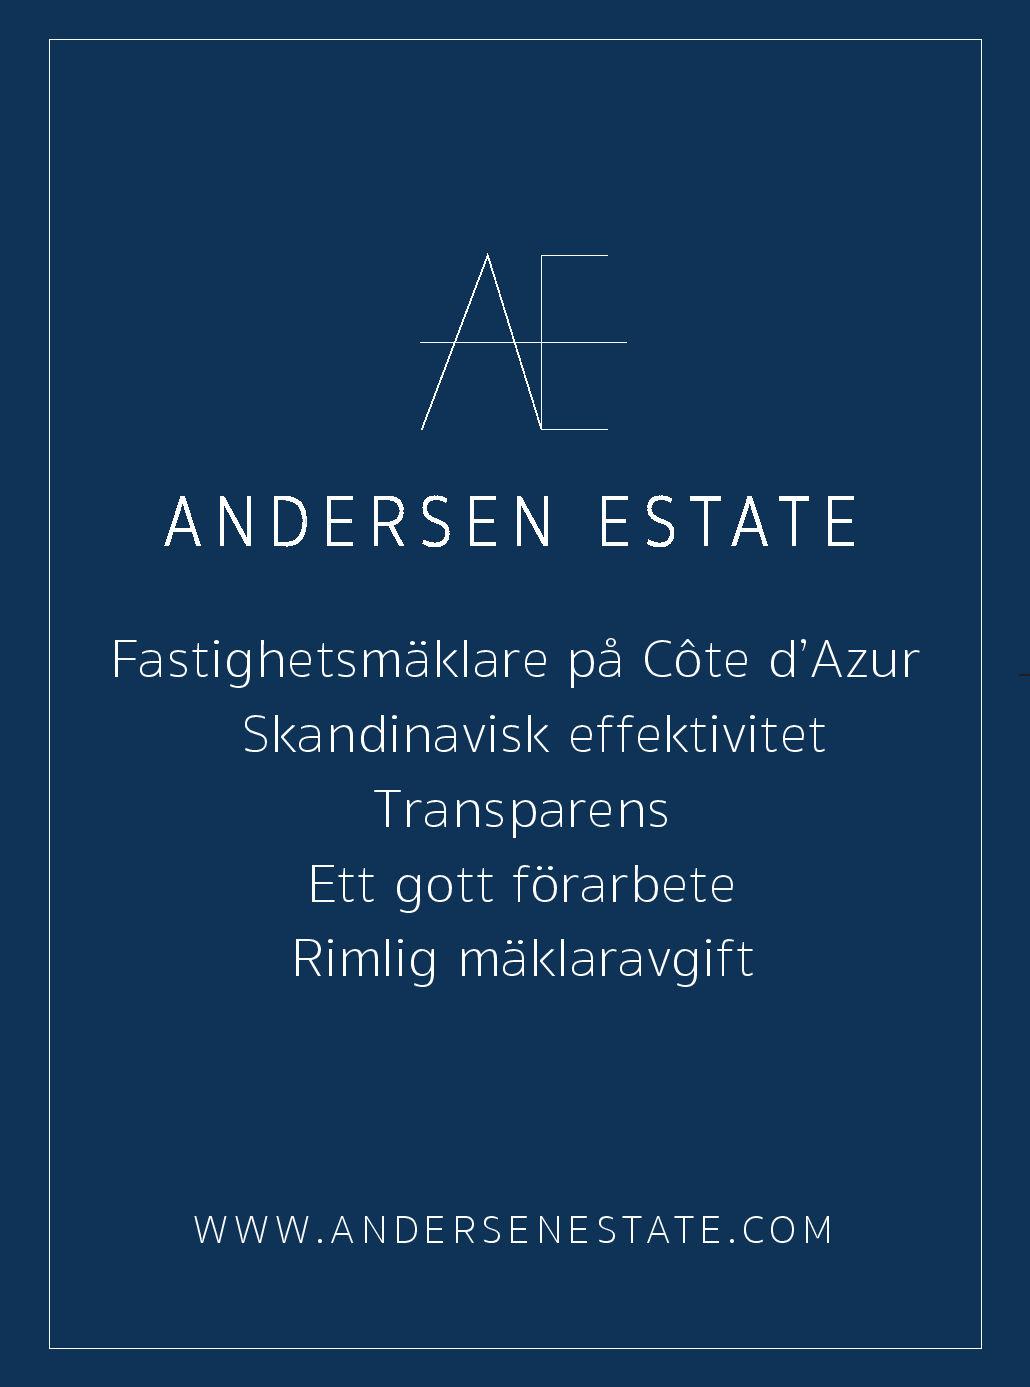 Andersen Estate